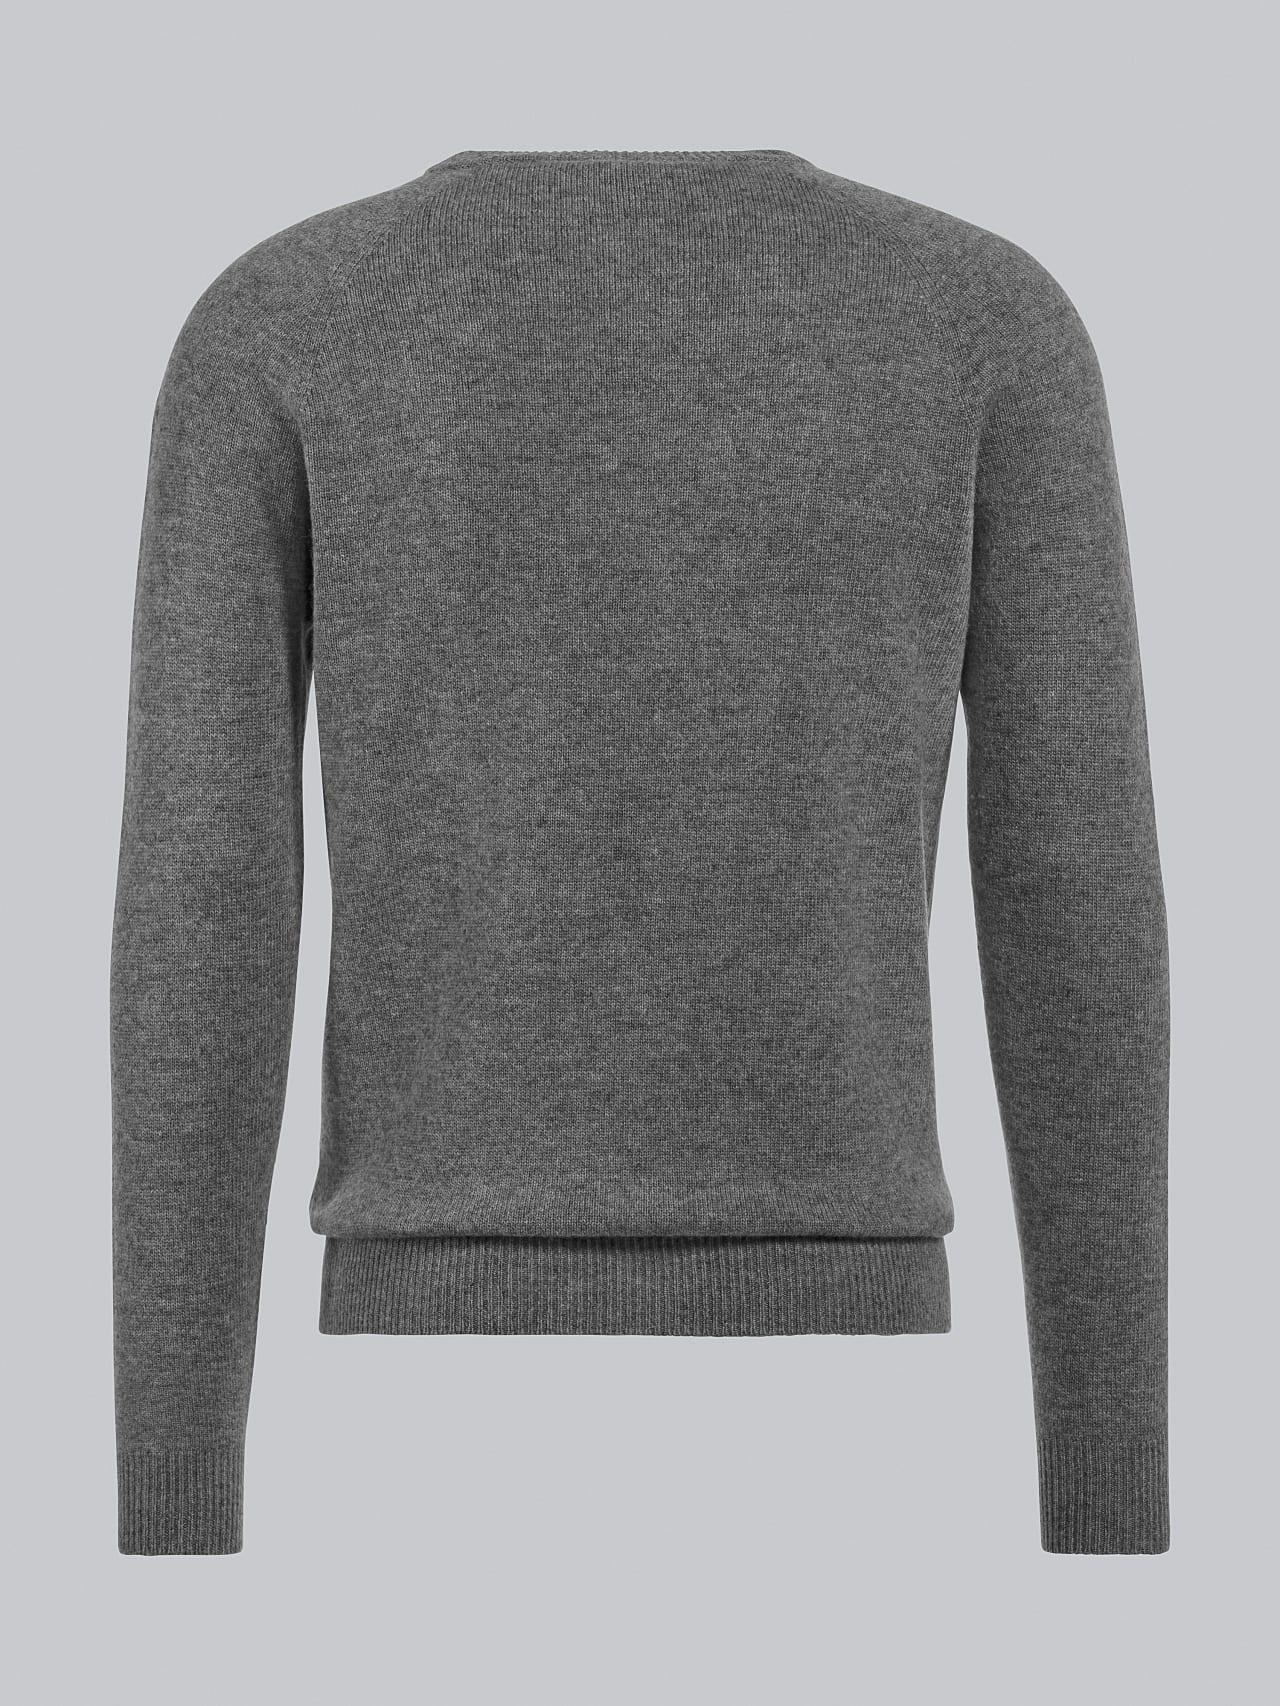 FLACK V2.Y4.02 Premium 3D Knit Merino-Cashmere Jumper grey / melange Left Alpha Tauri